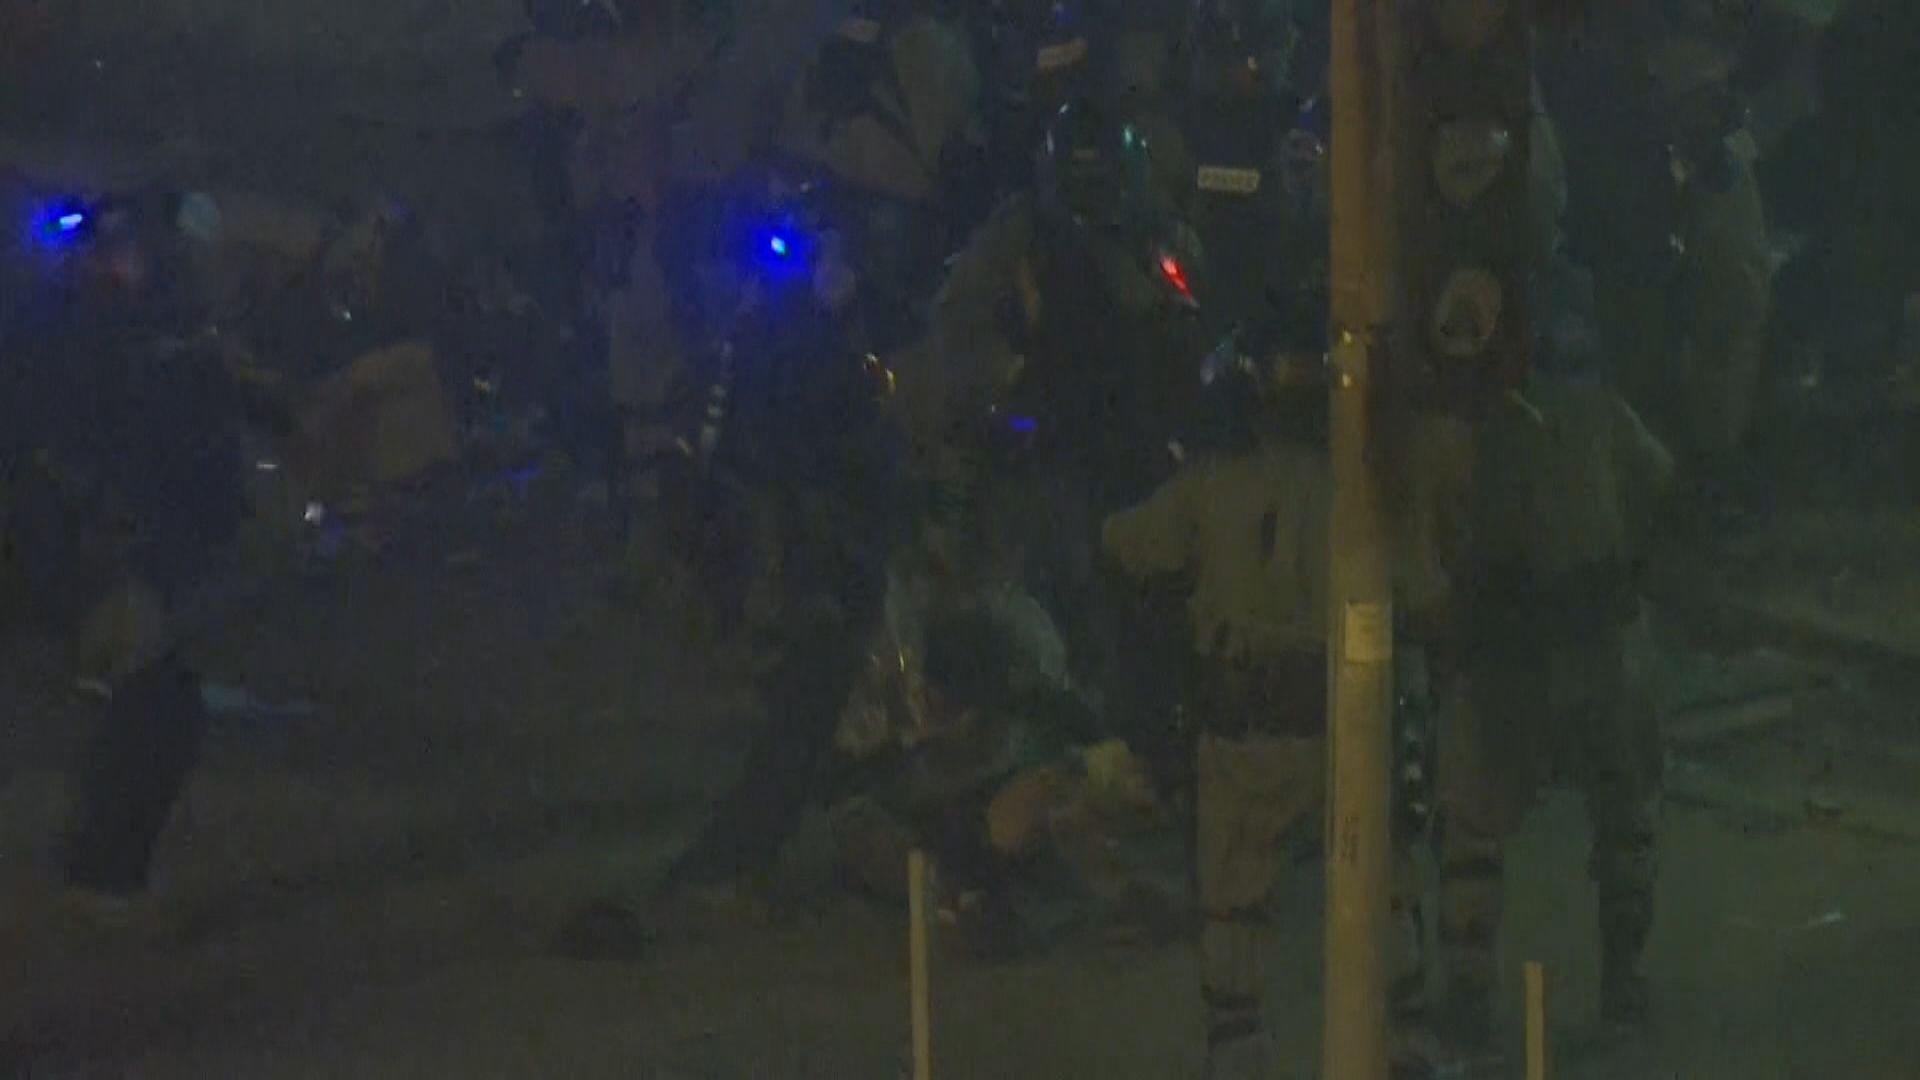 暢運道示威者被警員截獲後遭拳打腳踢